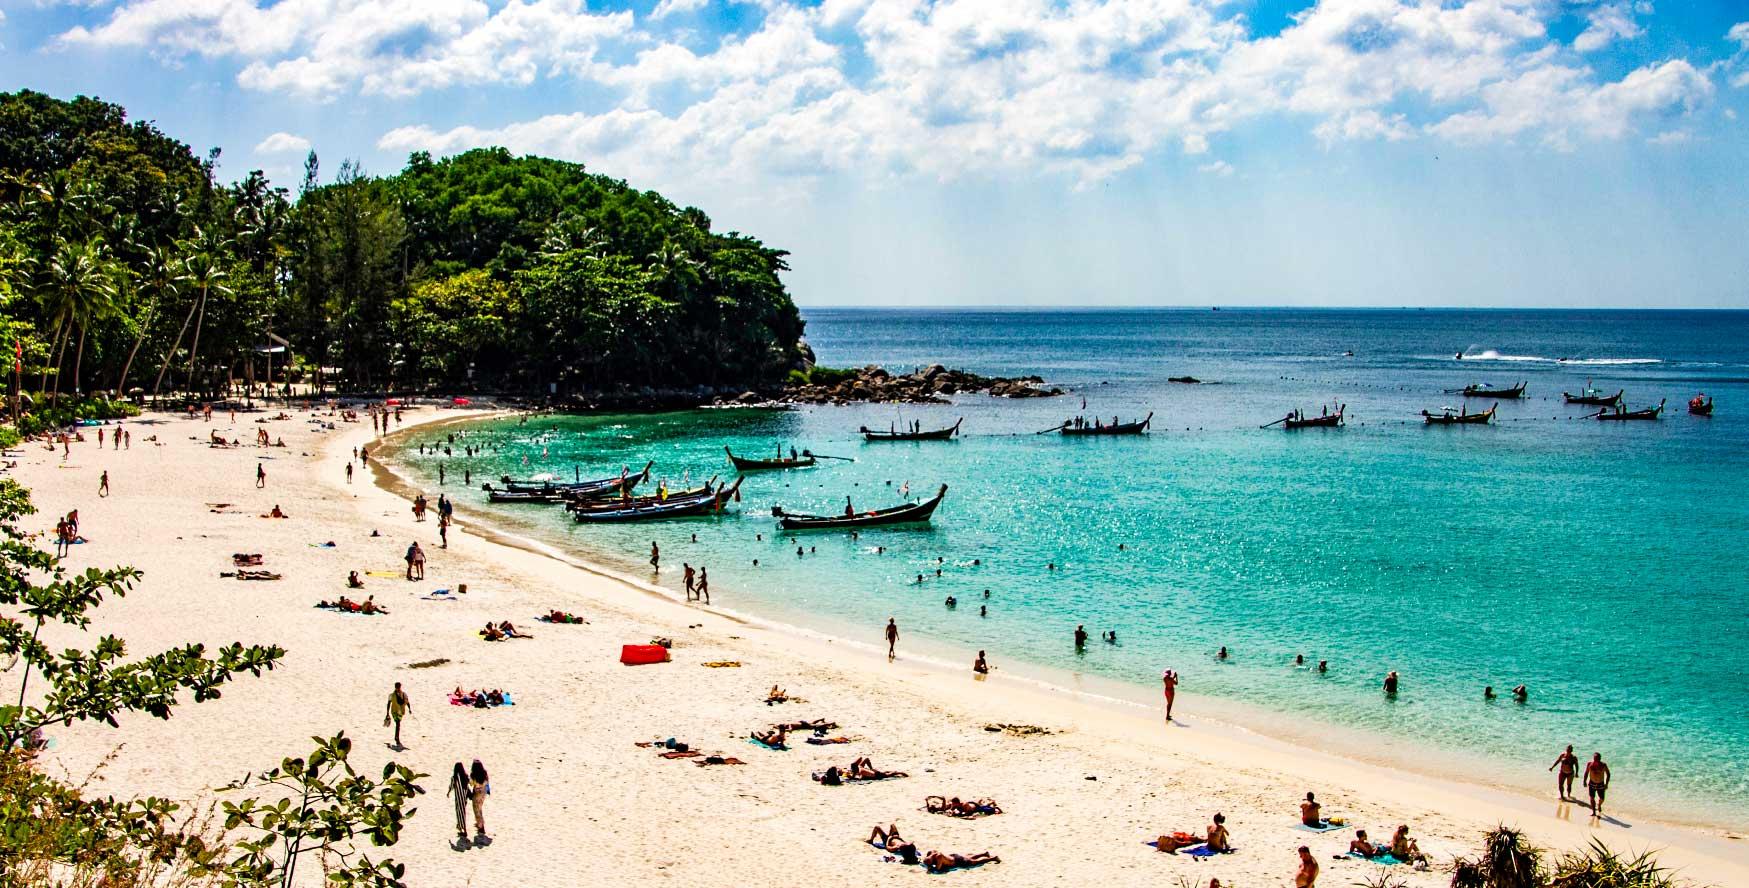 Freedom Beach, Phuket Beaches